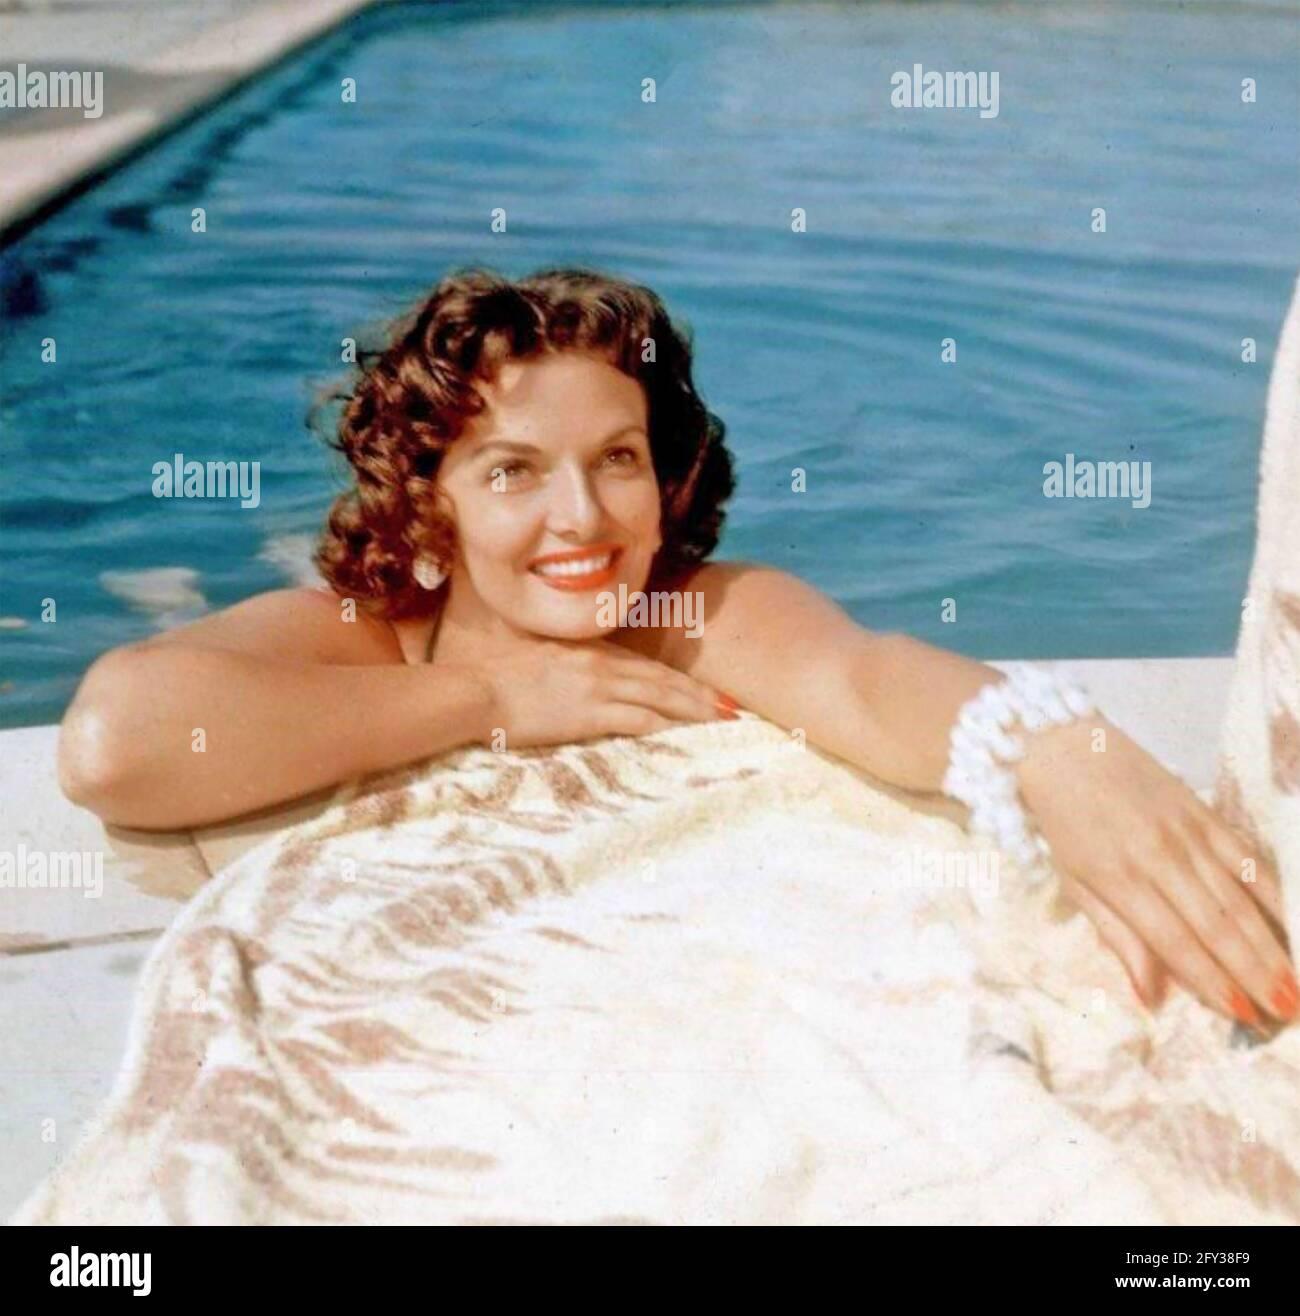 JANE RUSSELL (1921-2011) amerikanische Filmschauspielerin und Sängerin um 1953 Stockfoto